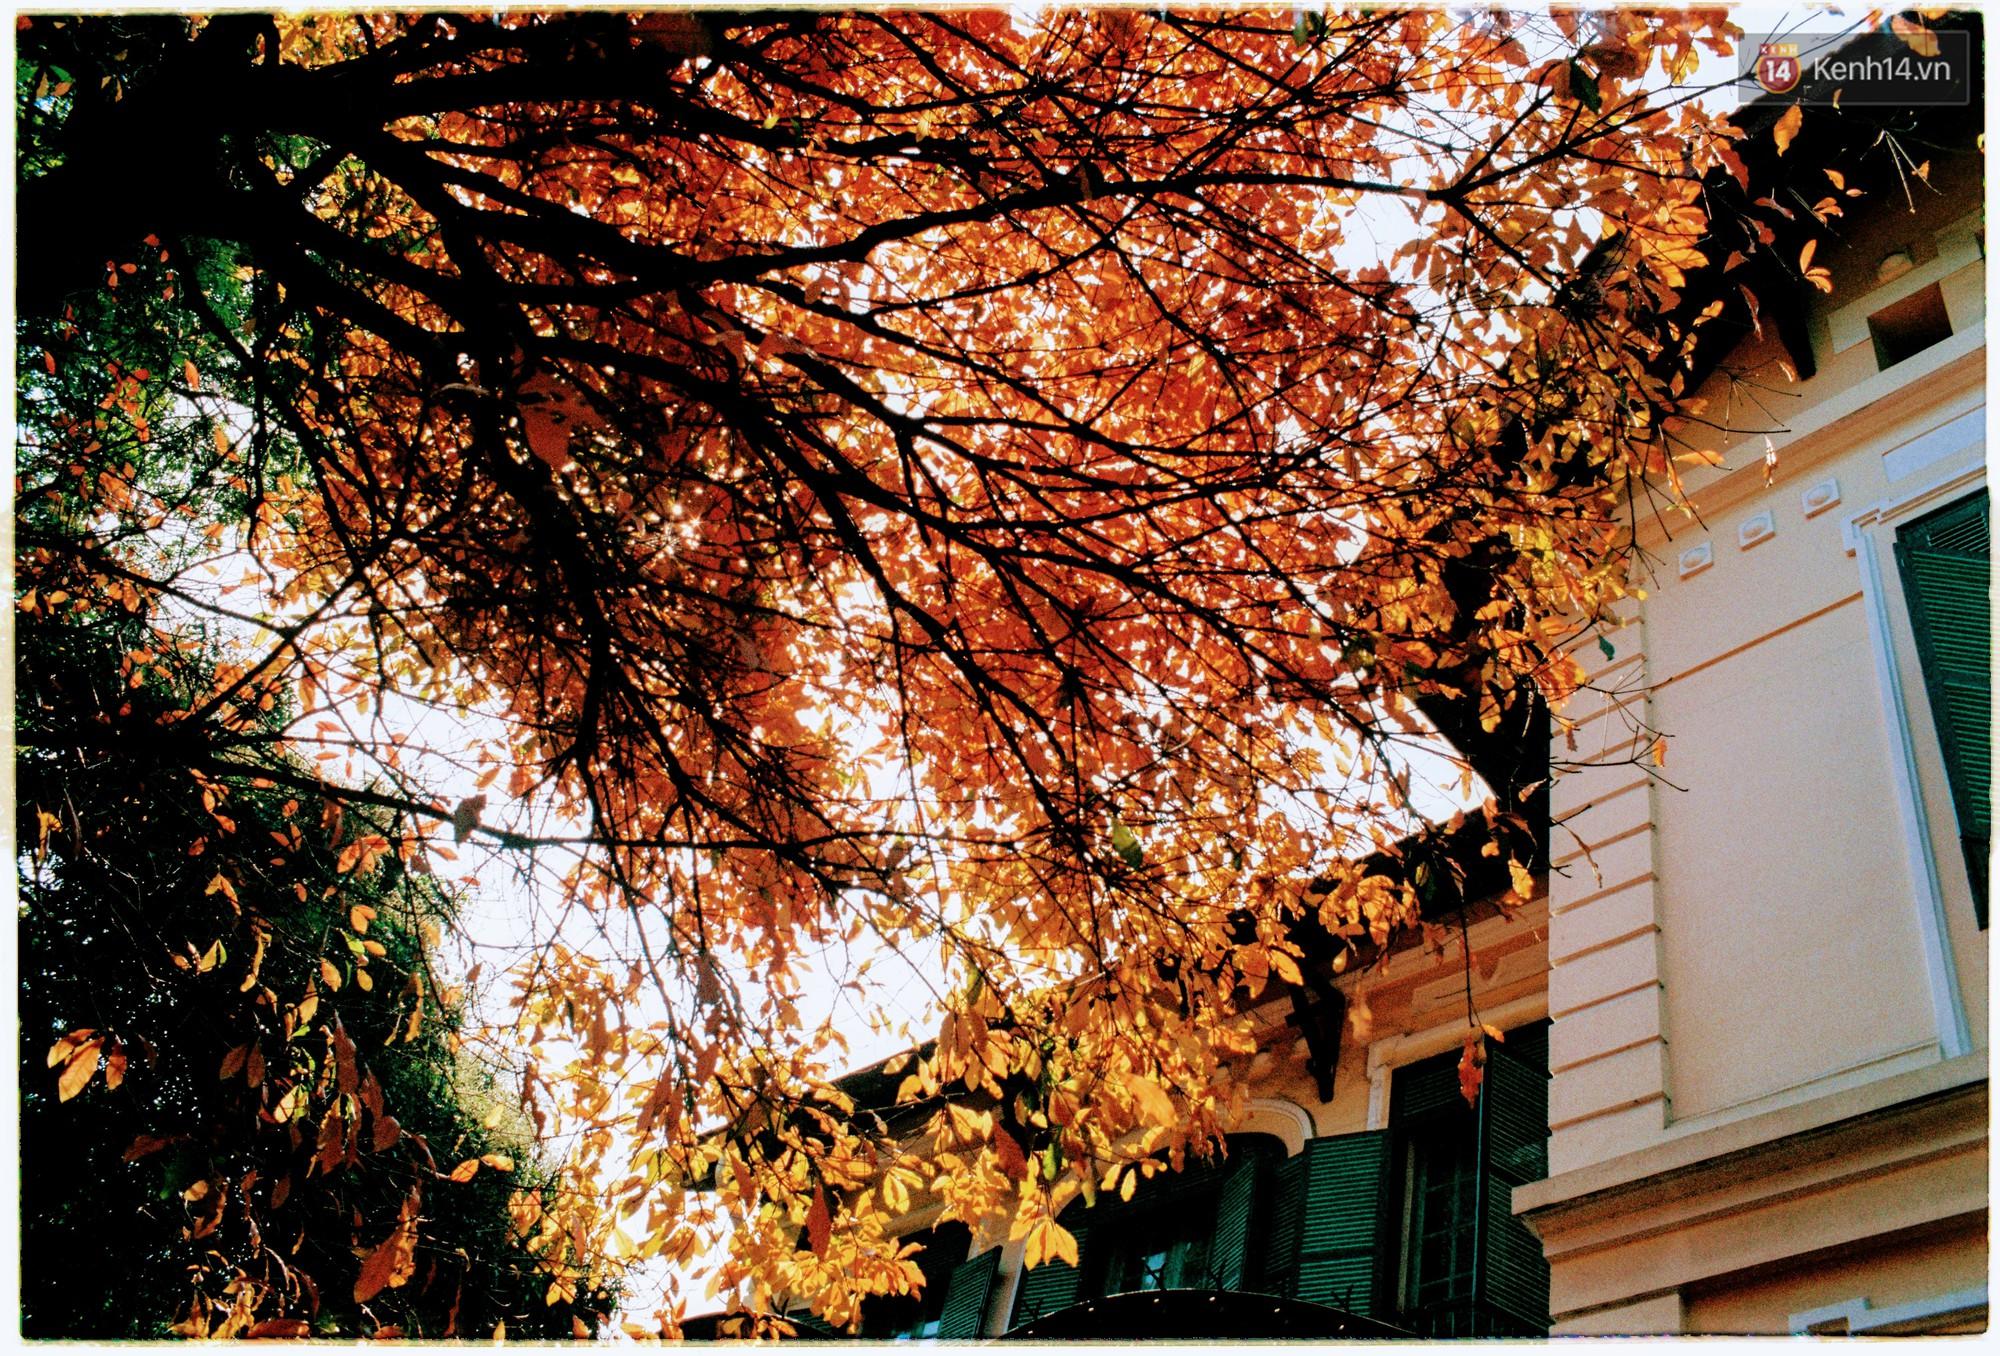 Hà Nội những ngày se lạnh, nắng đẹp và lá đỏ rợp góc phố - Ảnh 5.